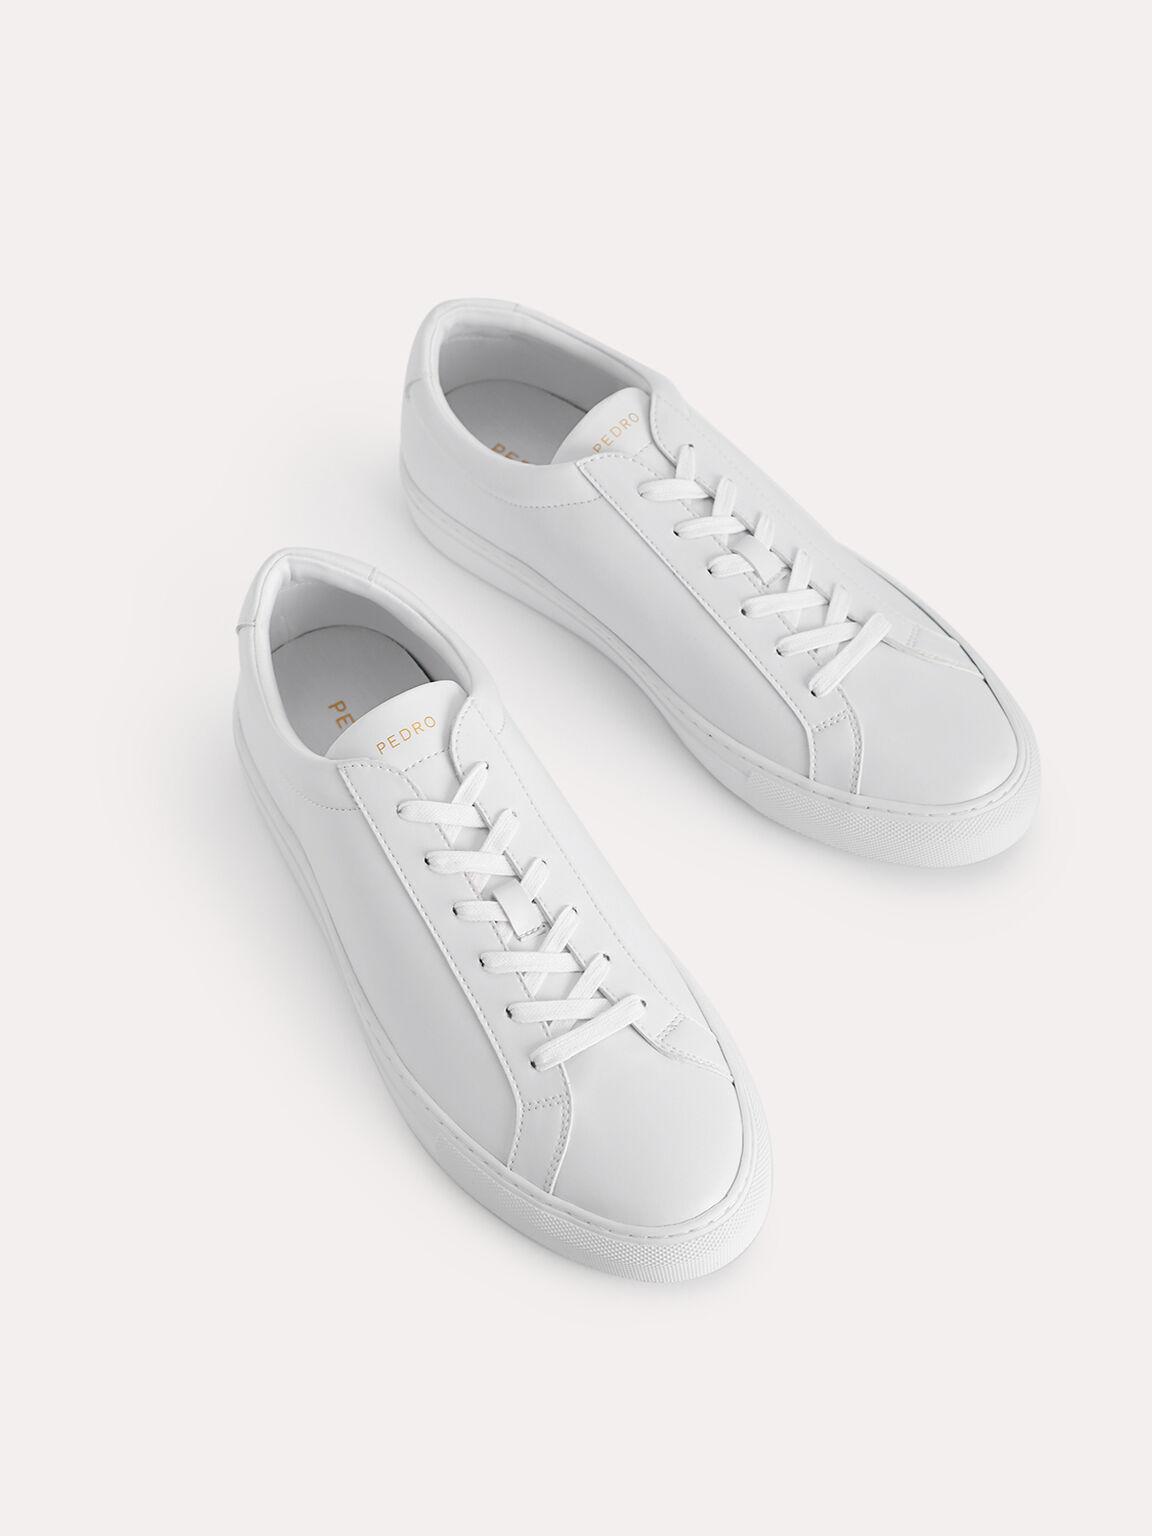 Atlas休閒球鞋, 白色, hi-res